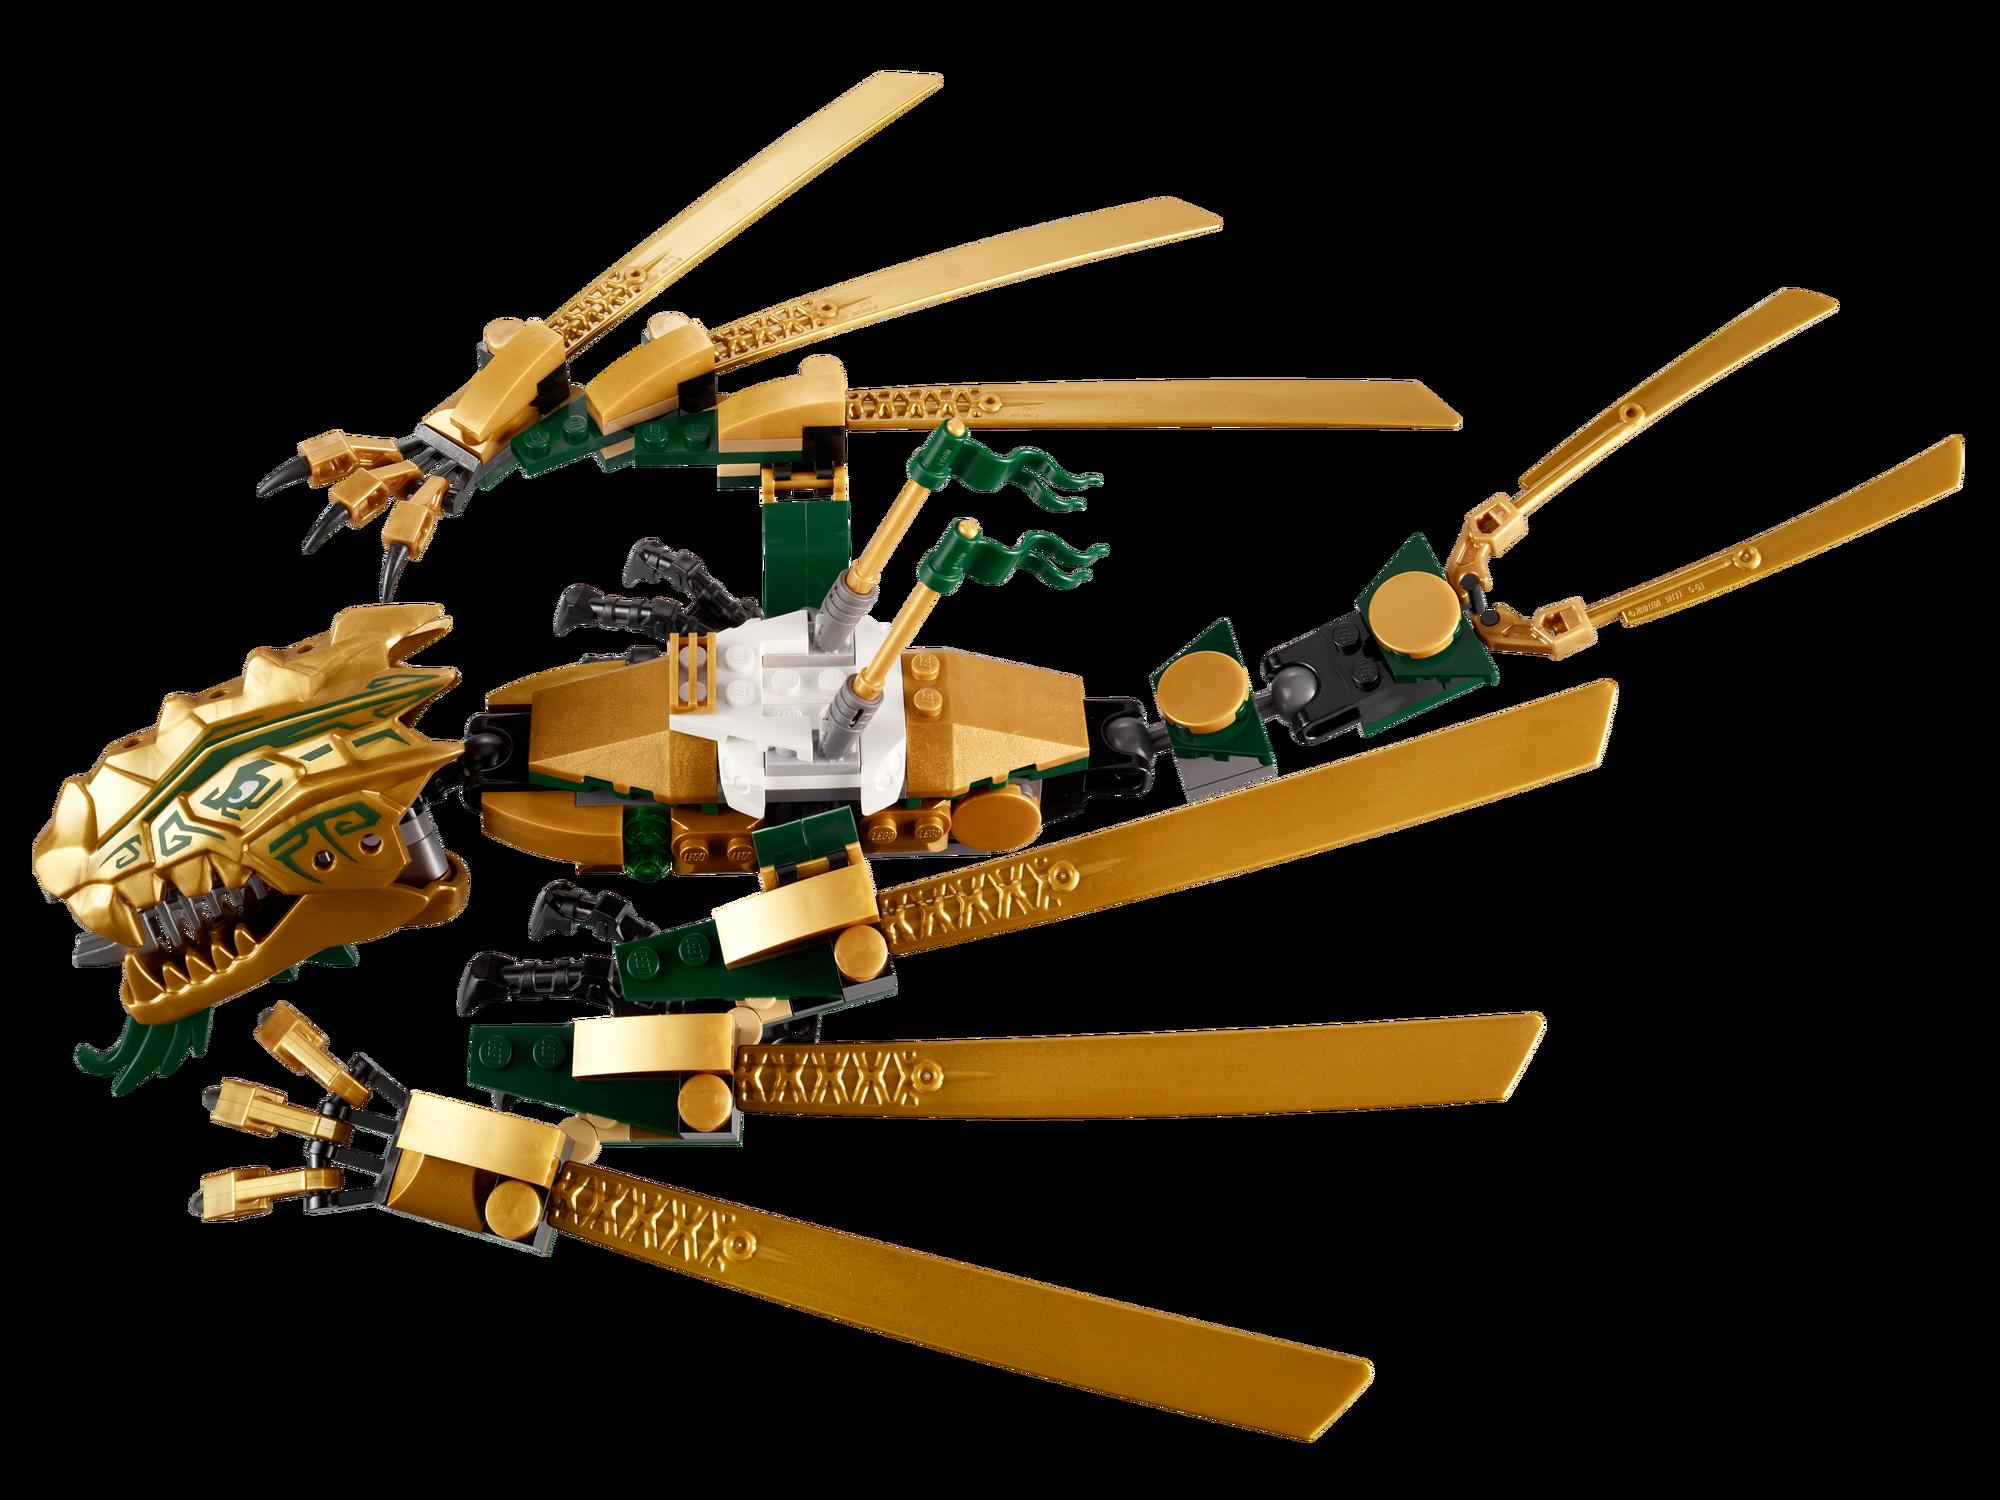 Złoty Smok Lego Ninjago Wiki Fandom Powered By Wikia